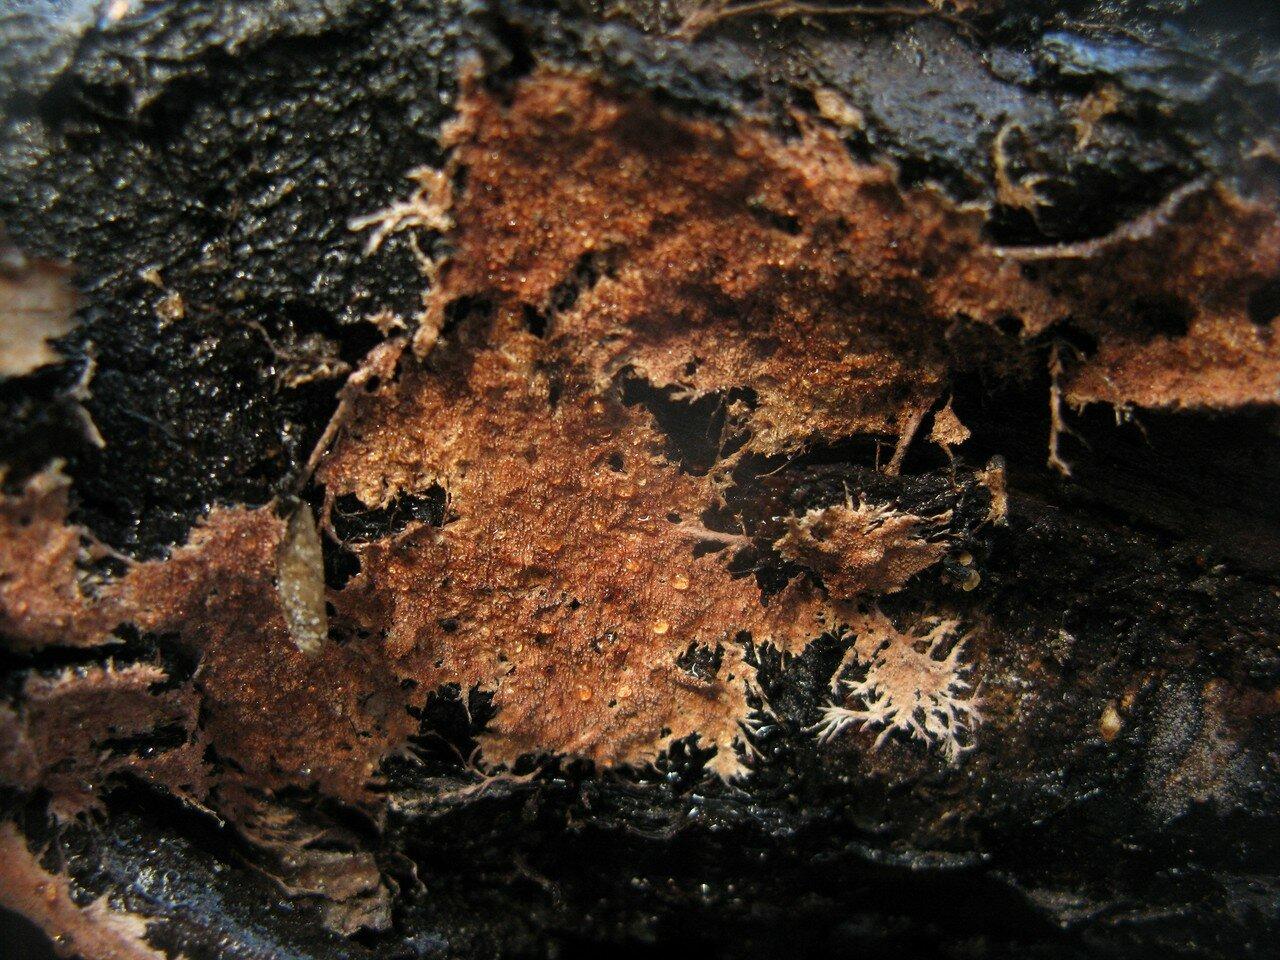 Стекхеринум бахромчатый (Steccherinum fimbriatum) Автор фото: Станислав Кривошеев